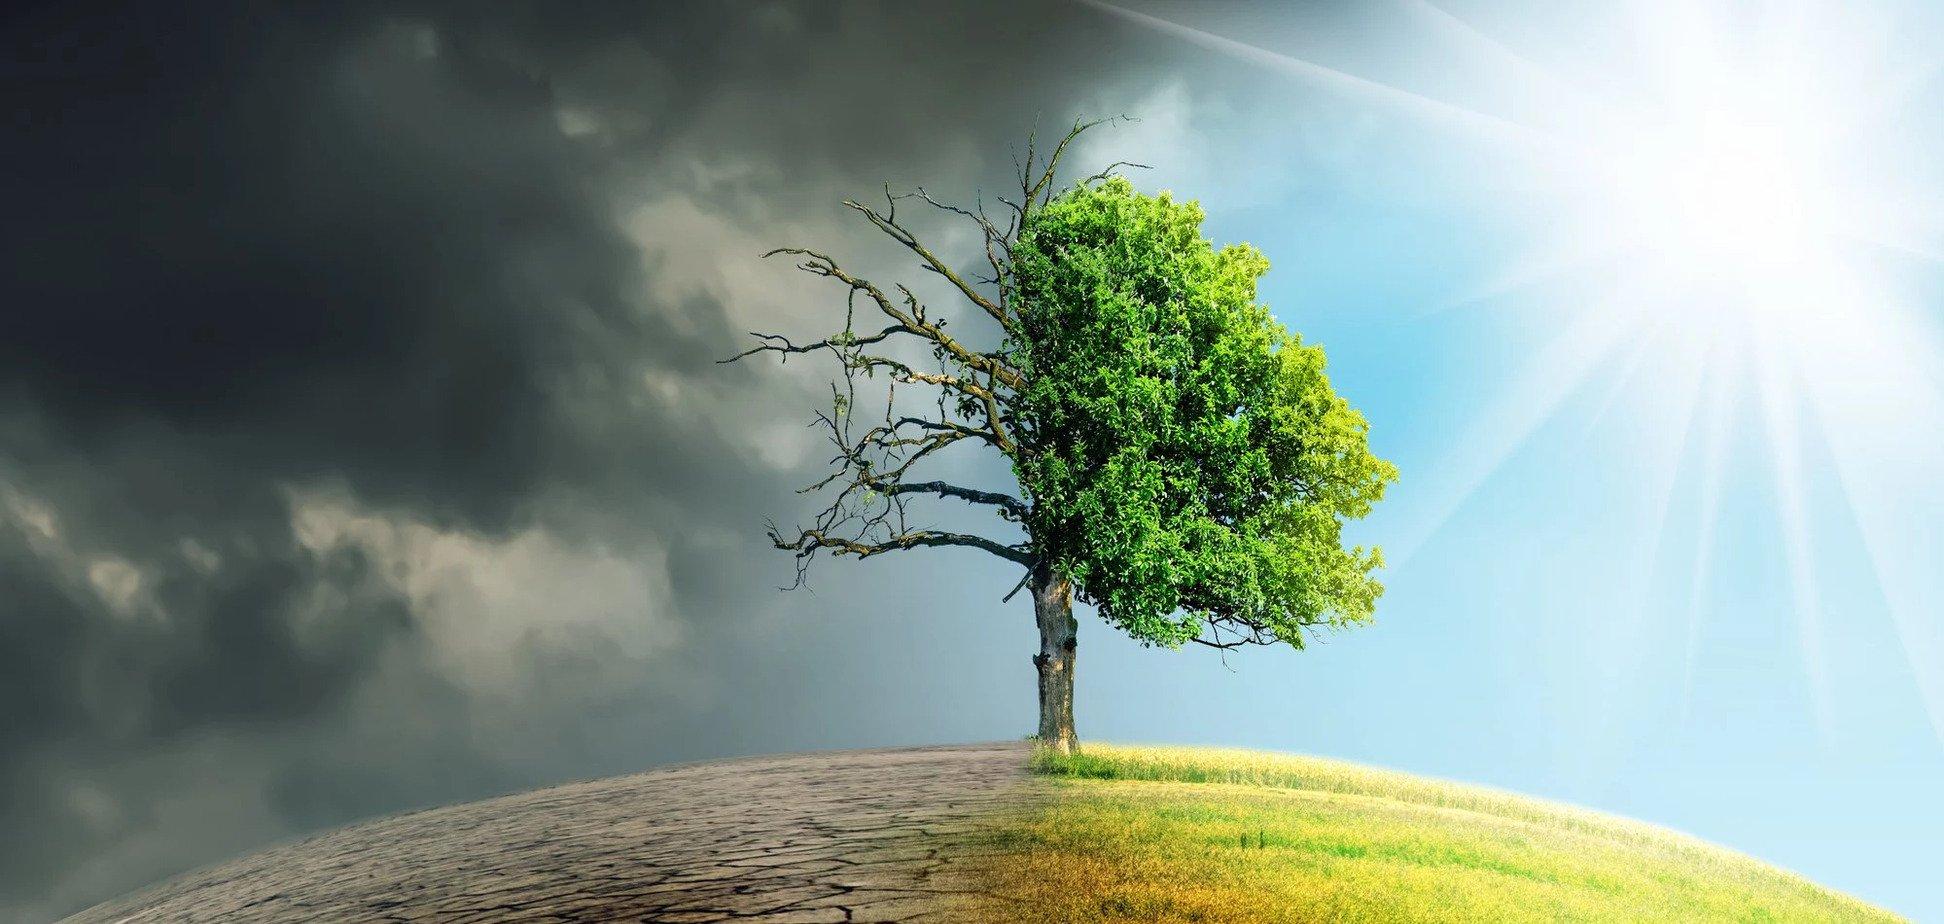 Целые страны станут пустыней: озвучен жуткий прогноз изменений климата